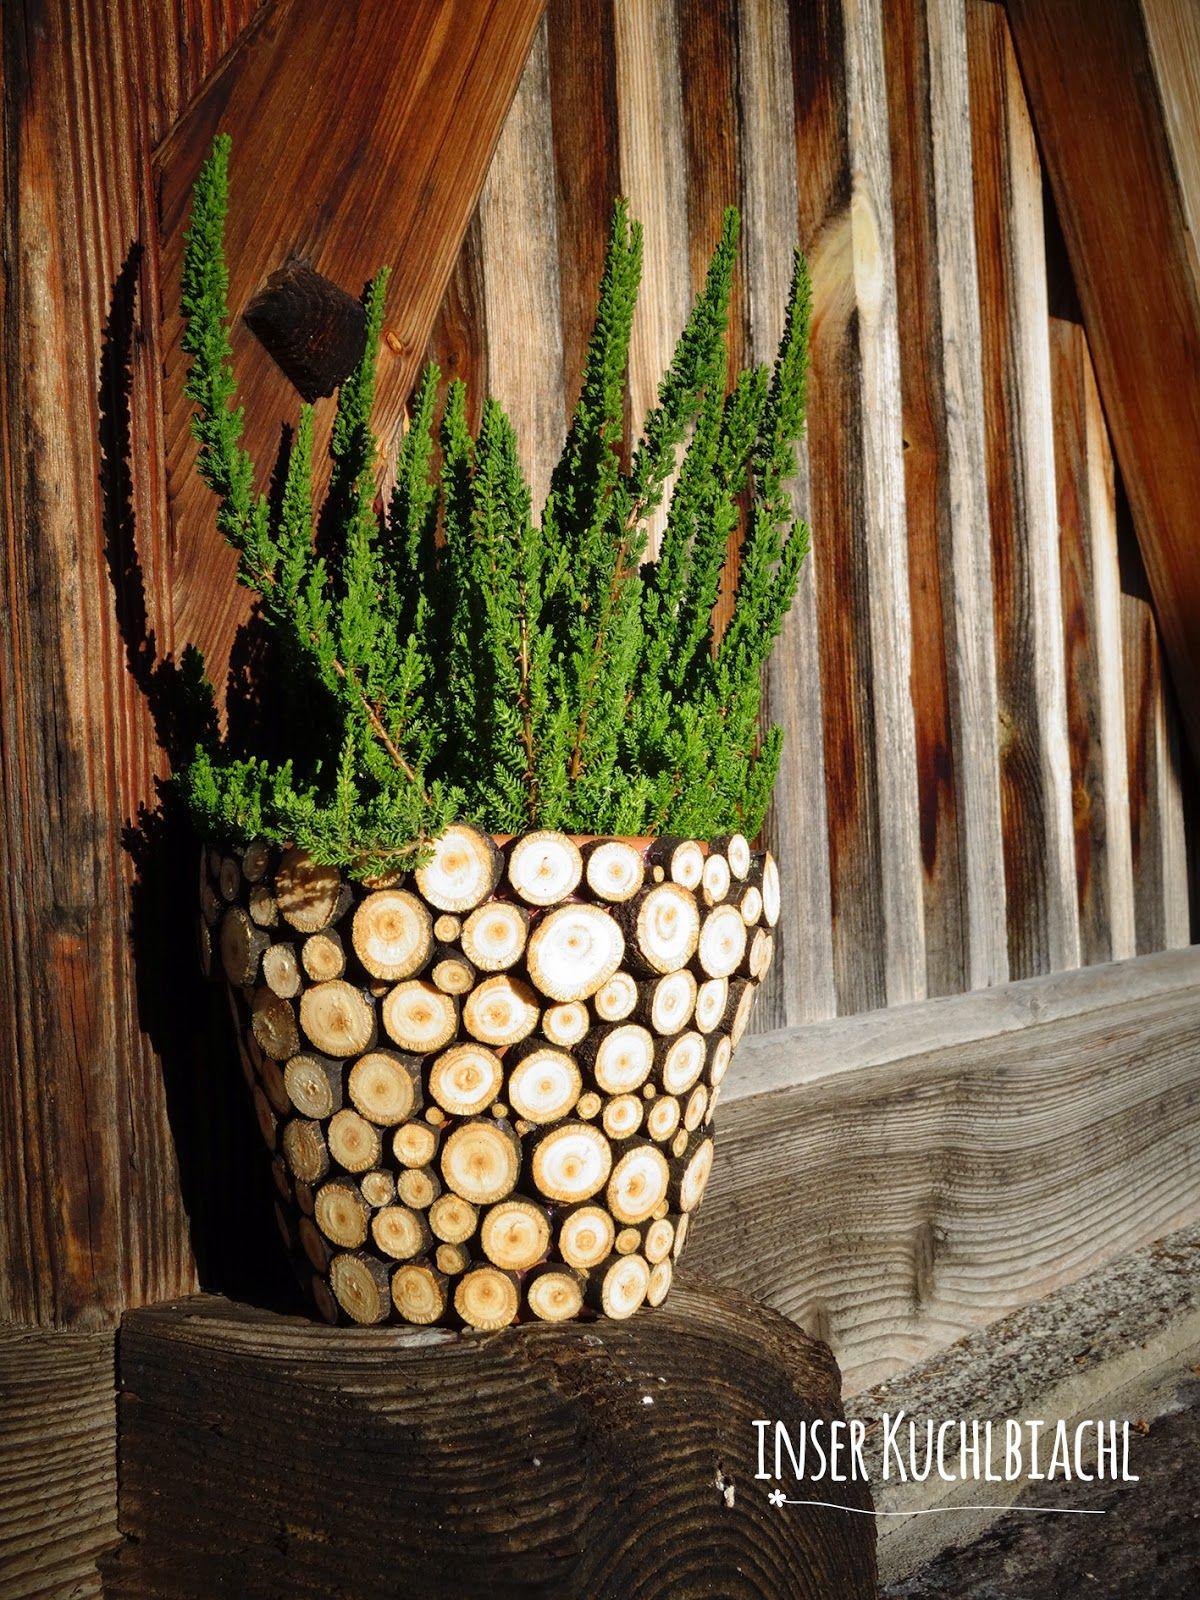 Schone Vase Mit Holzscheiben Verleiht Einer Alten Tonvase Ein Neues Kleid Holz Handwerk Holzscheiben Basteln Mit Holzscheiben